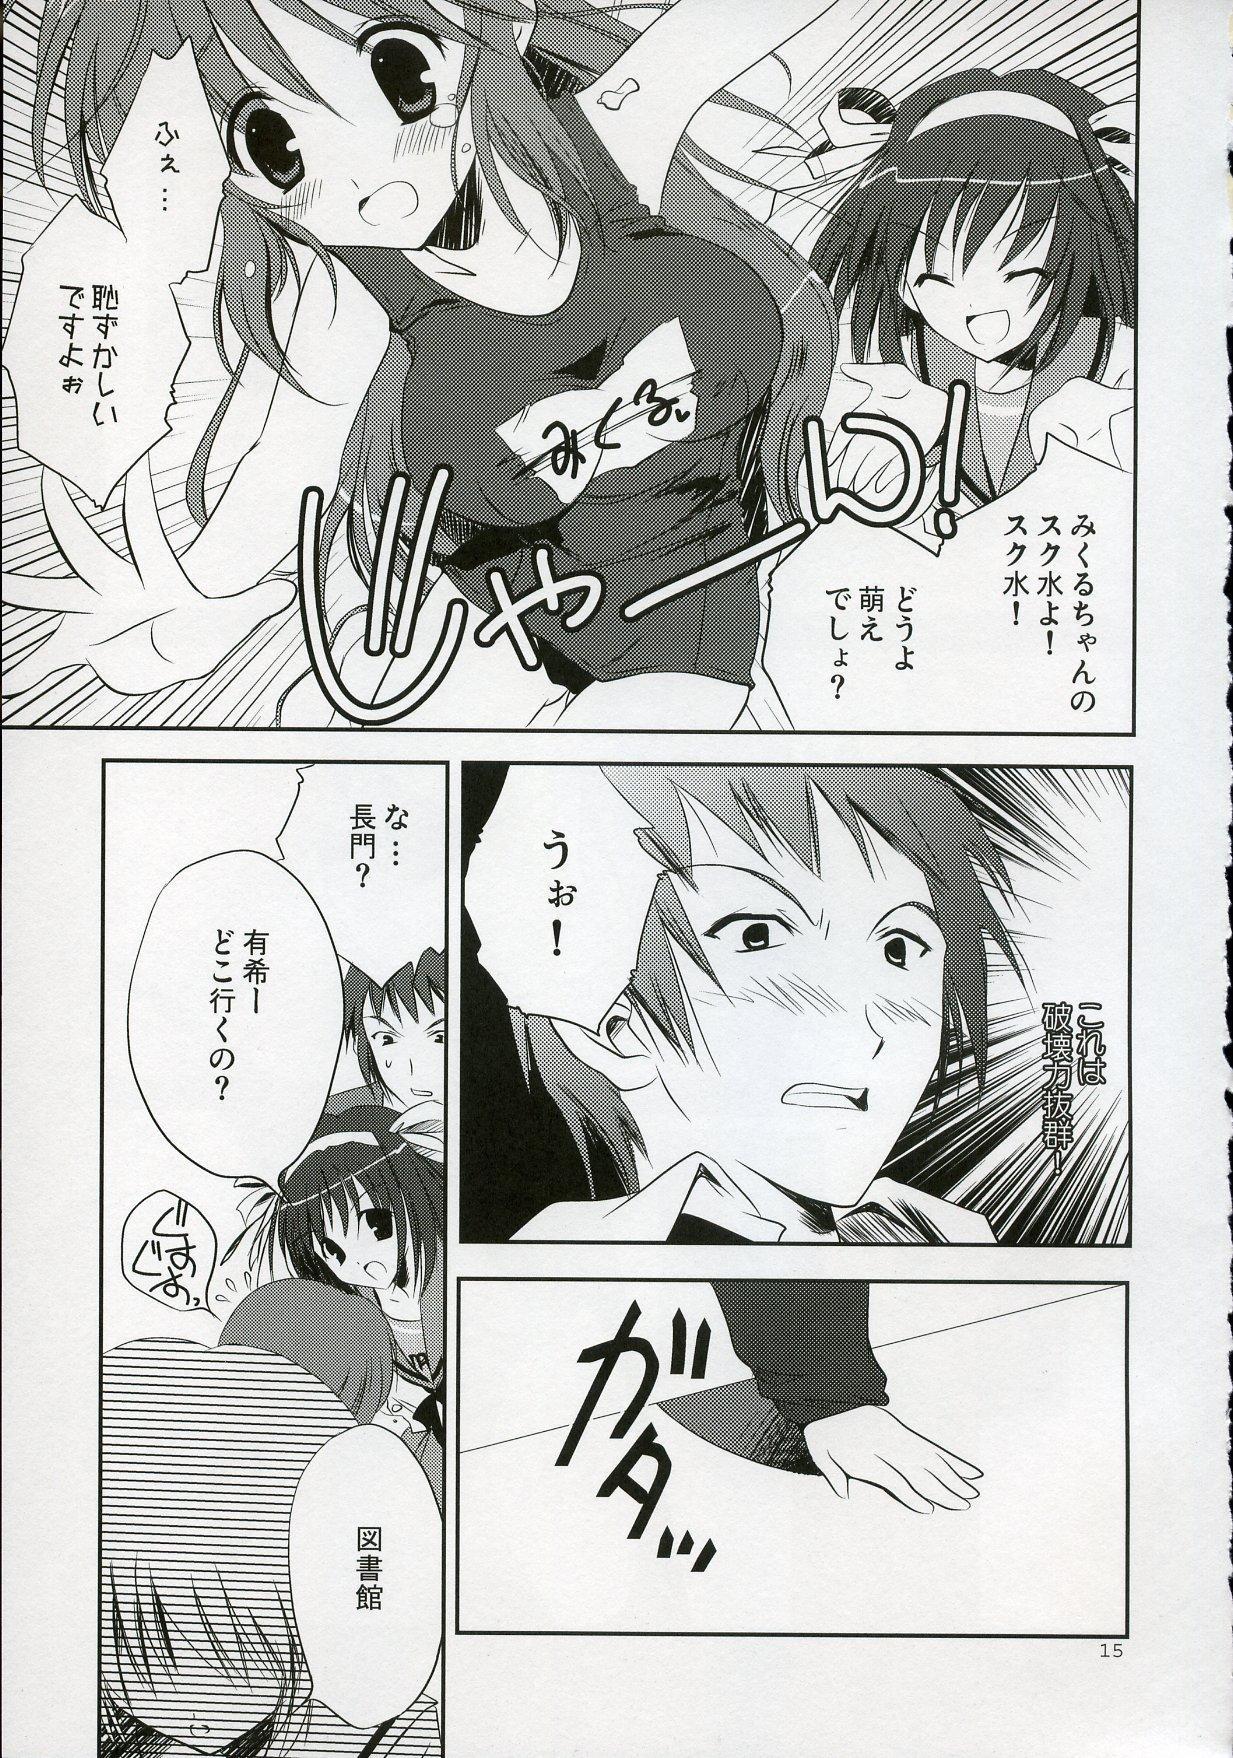 Nagato VS Kyon 13